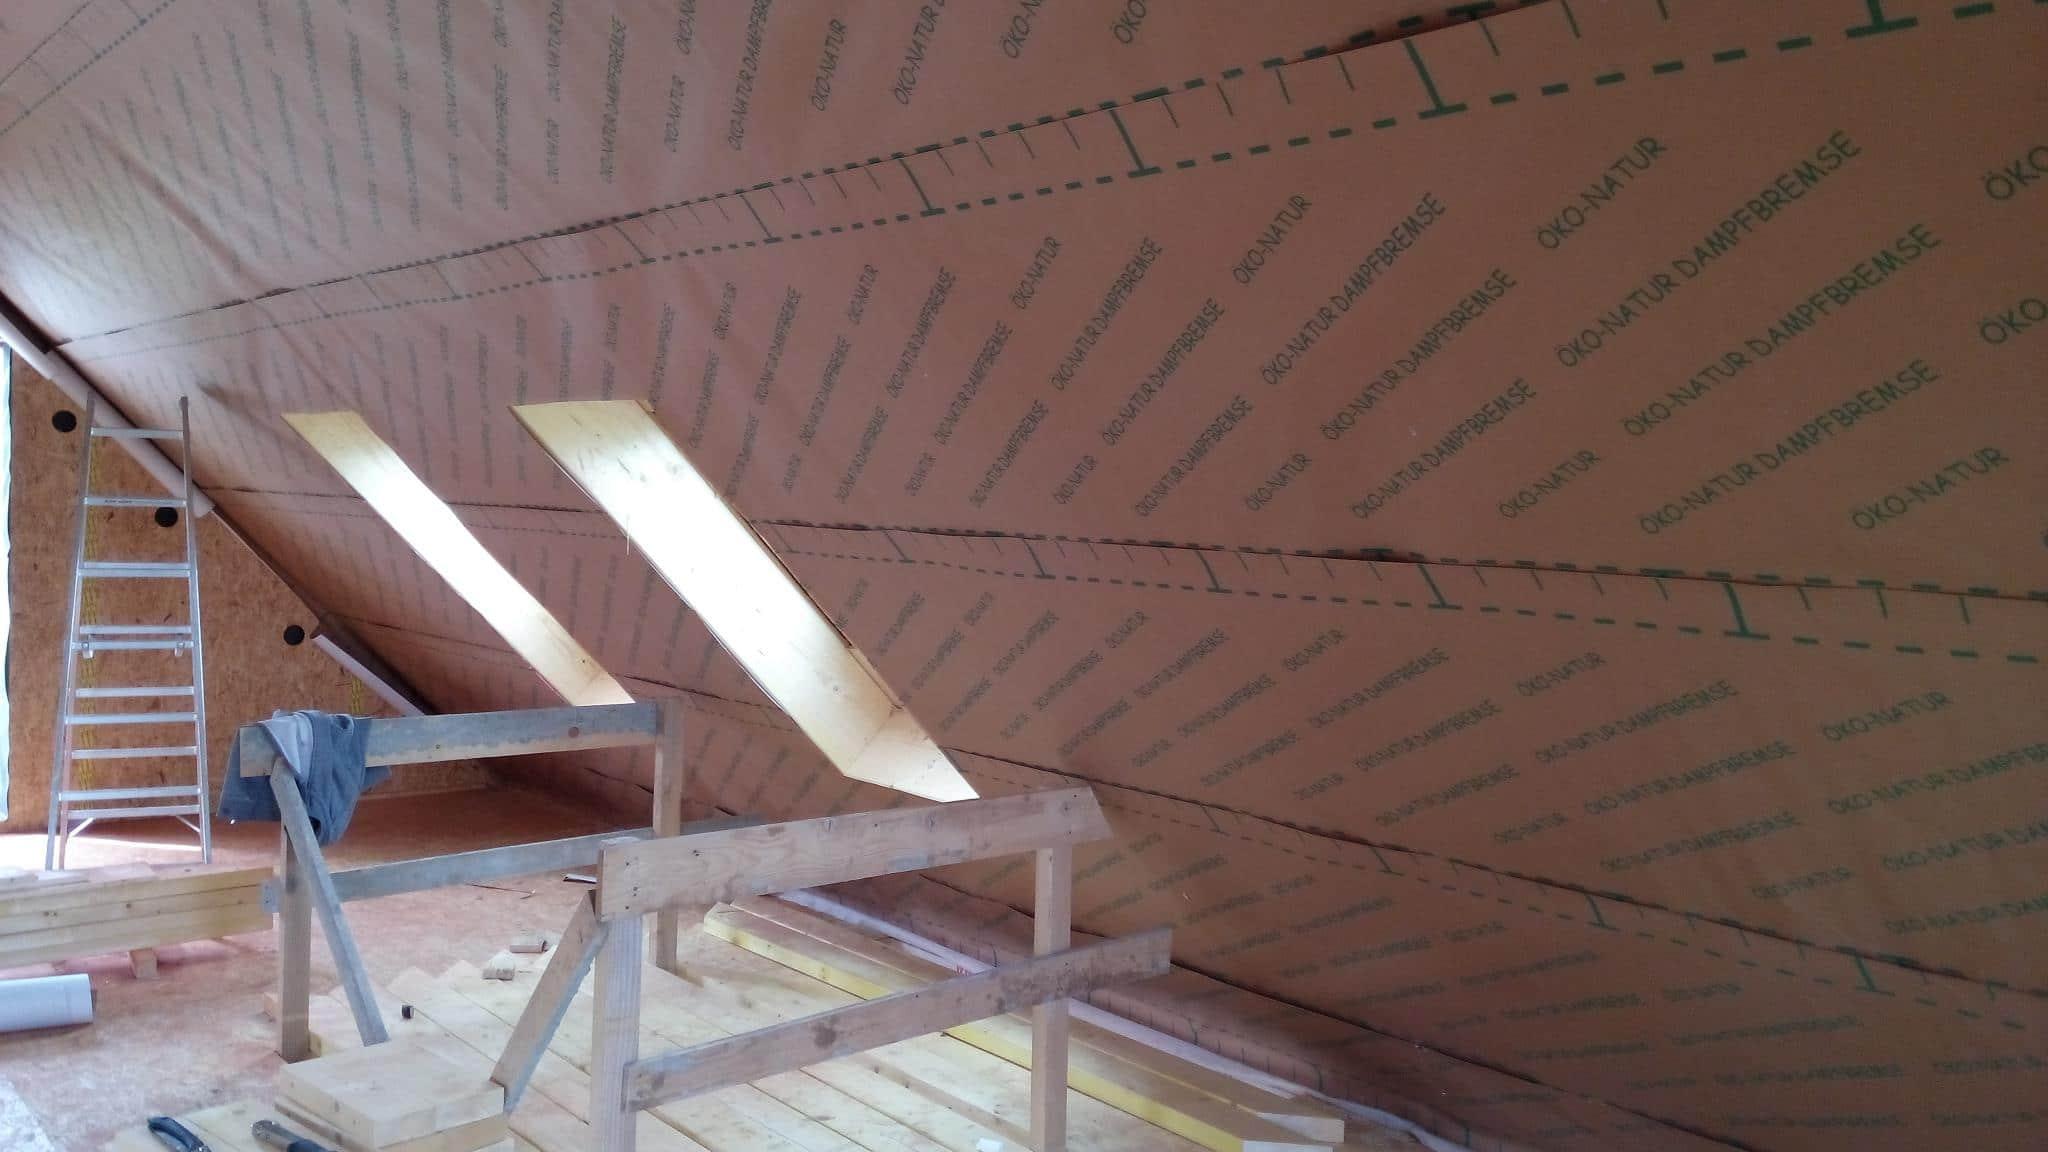 Pose du film d'étanchéité à l'air avant isolation en ouate de cellulose